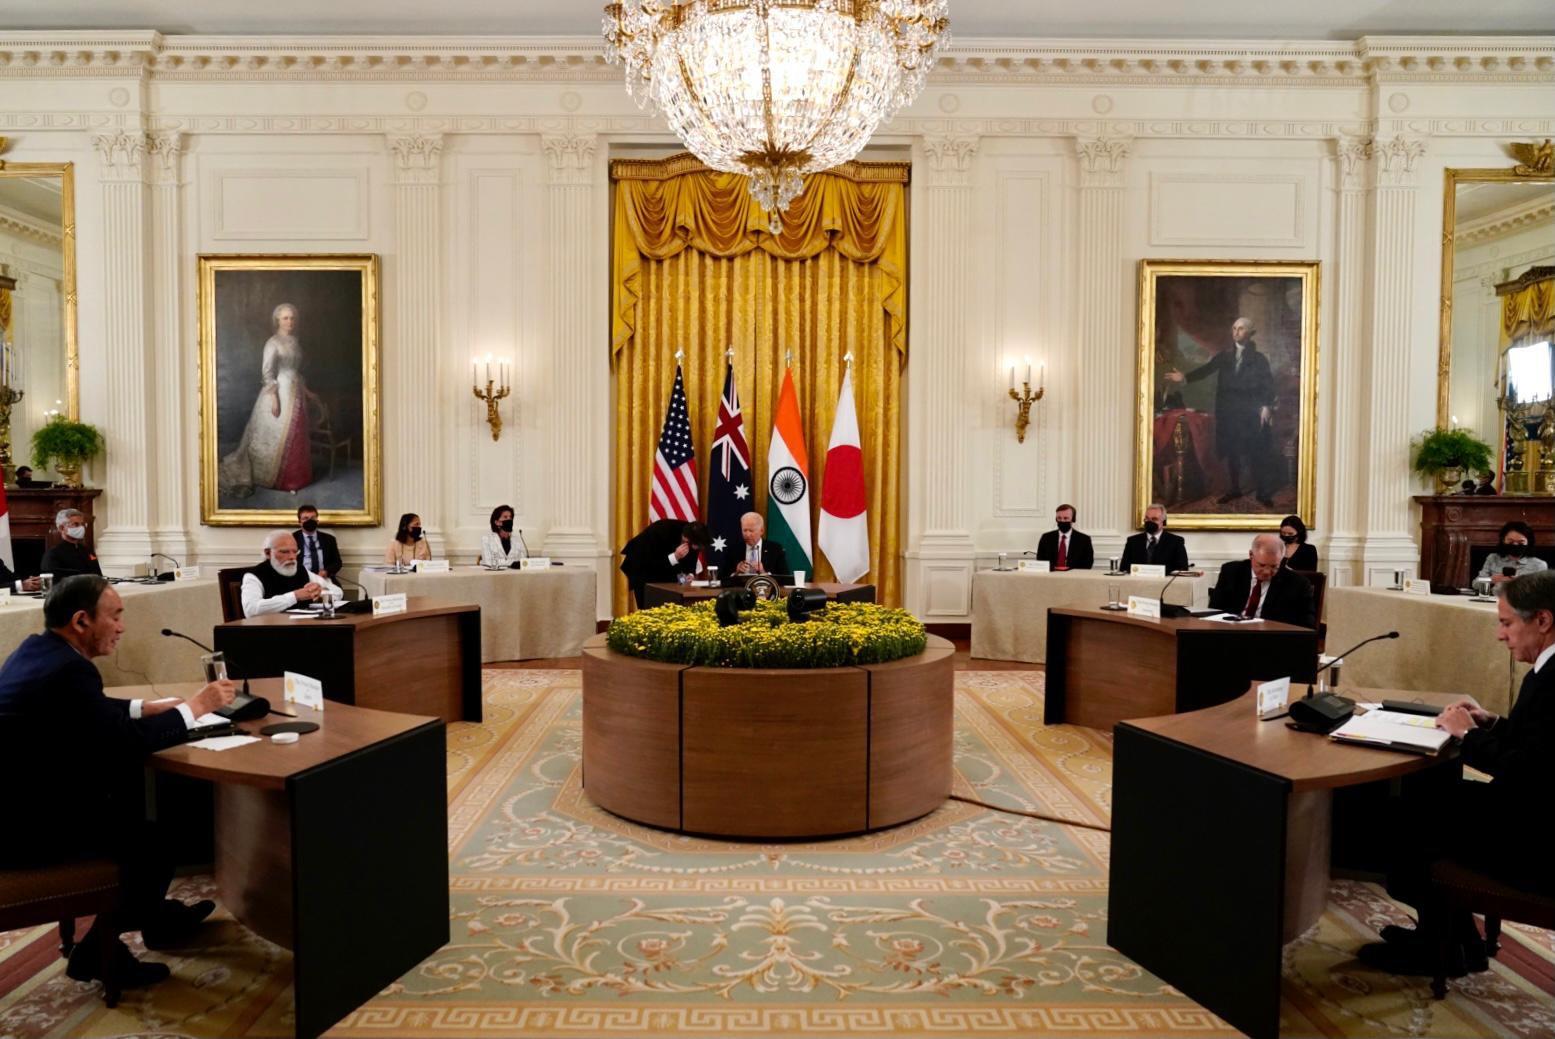 क्वाड नेताओं ने संयुक्त बयान में हिंद-प्रशांत क्षेत्र को स्वतंत्र और खुला रखने का आह्वान किया